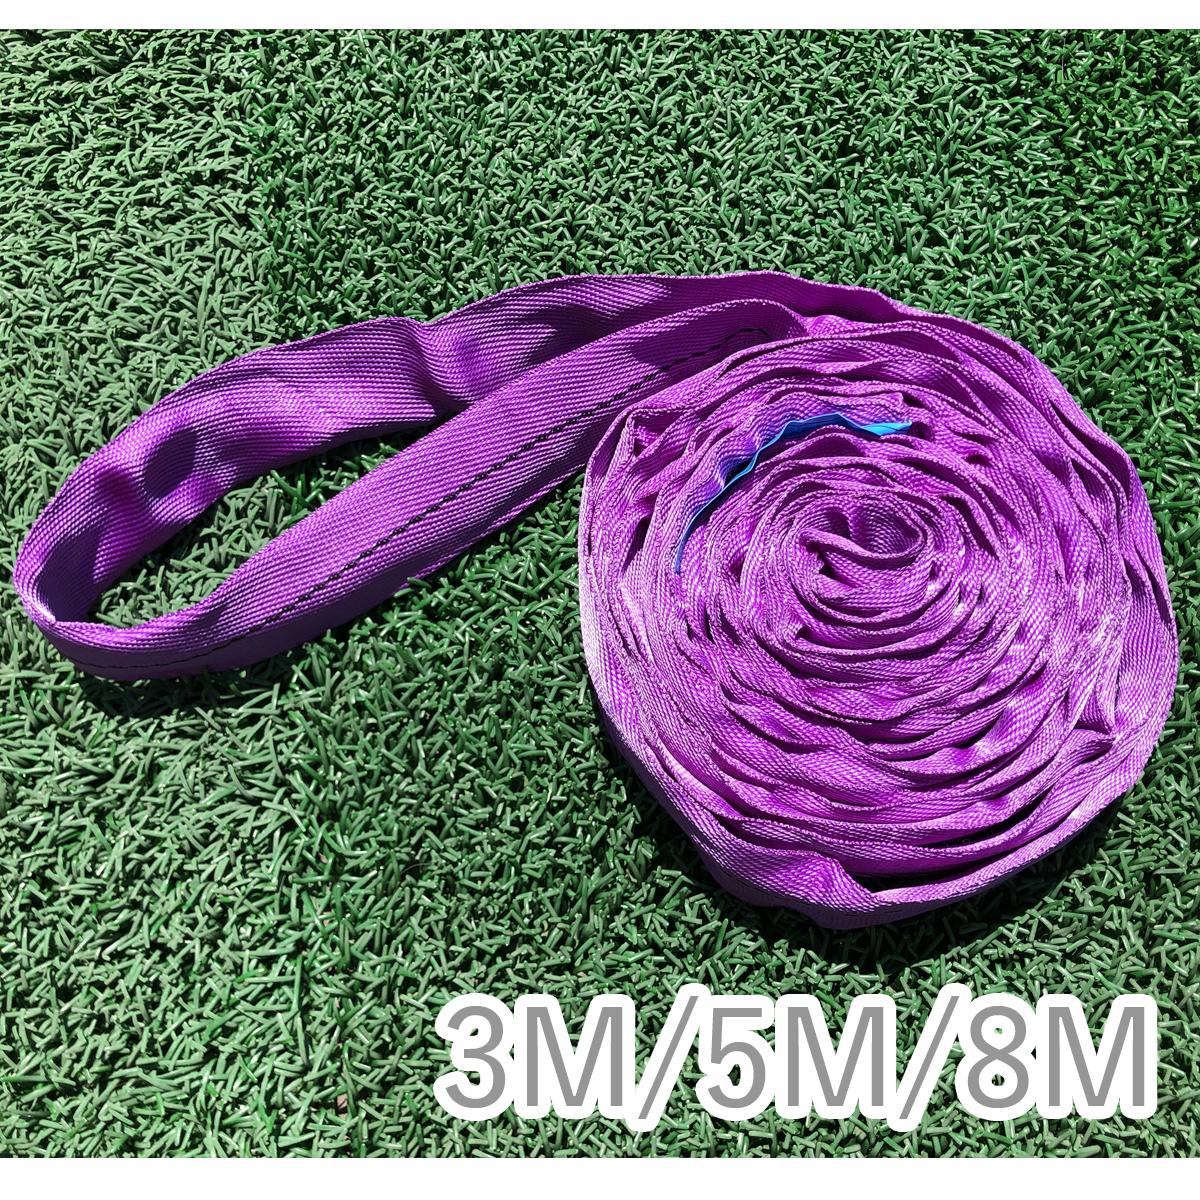 ラウンドスリング 3m/5m/8m(運用強度1t)